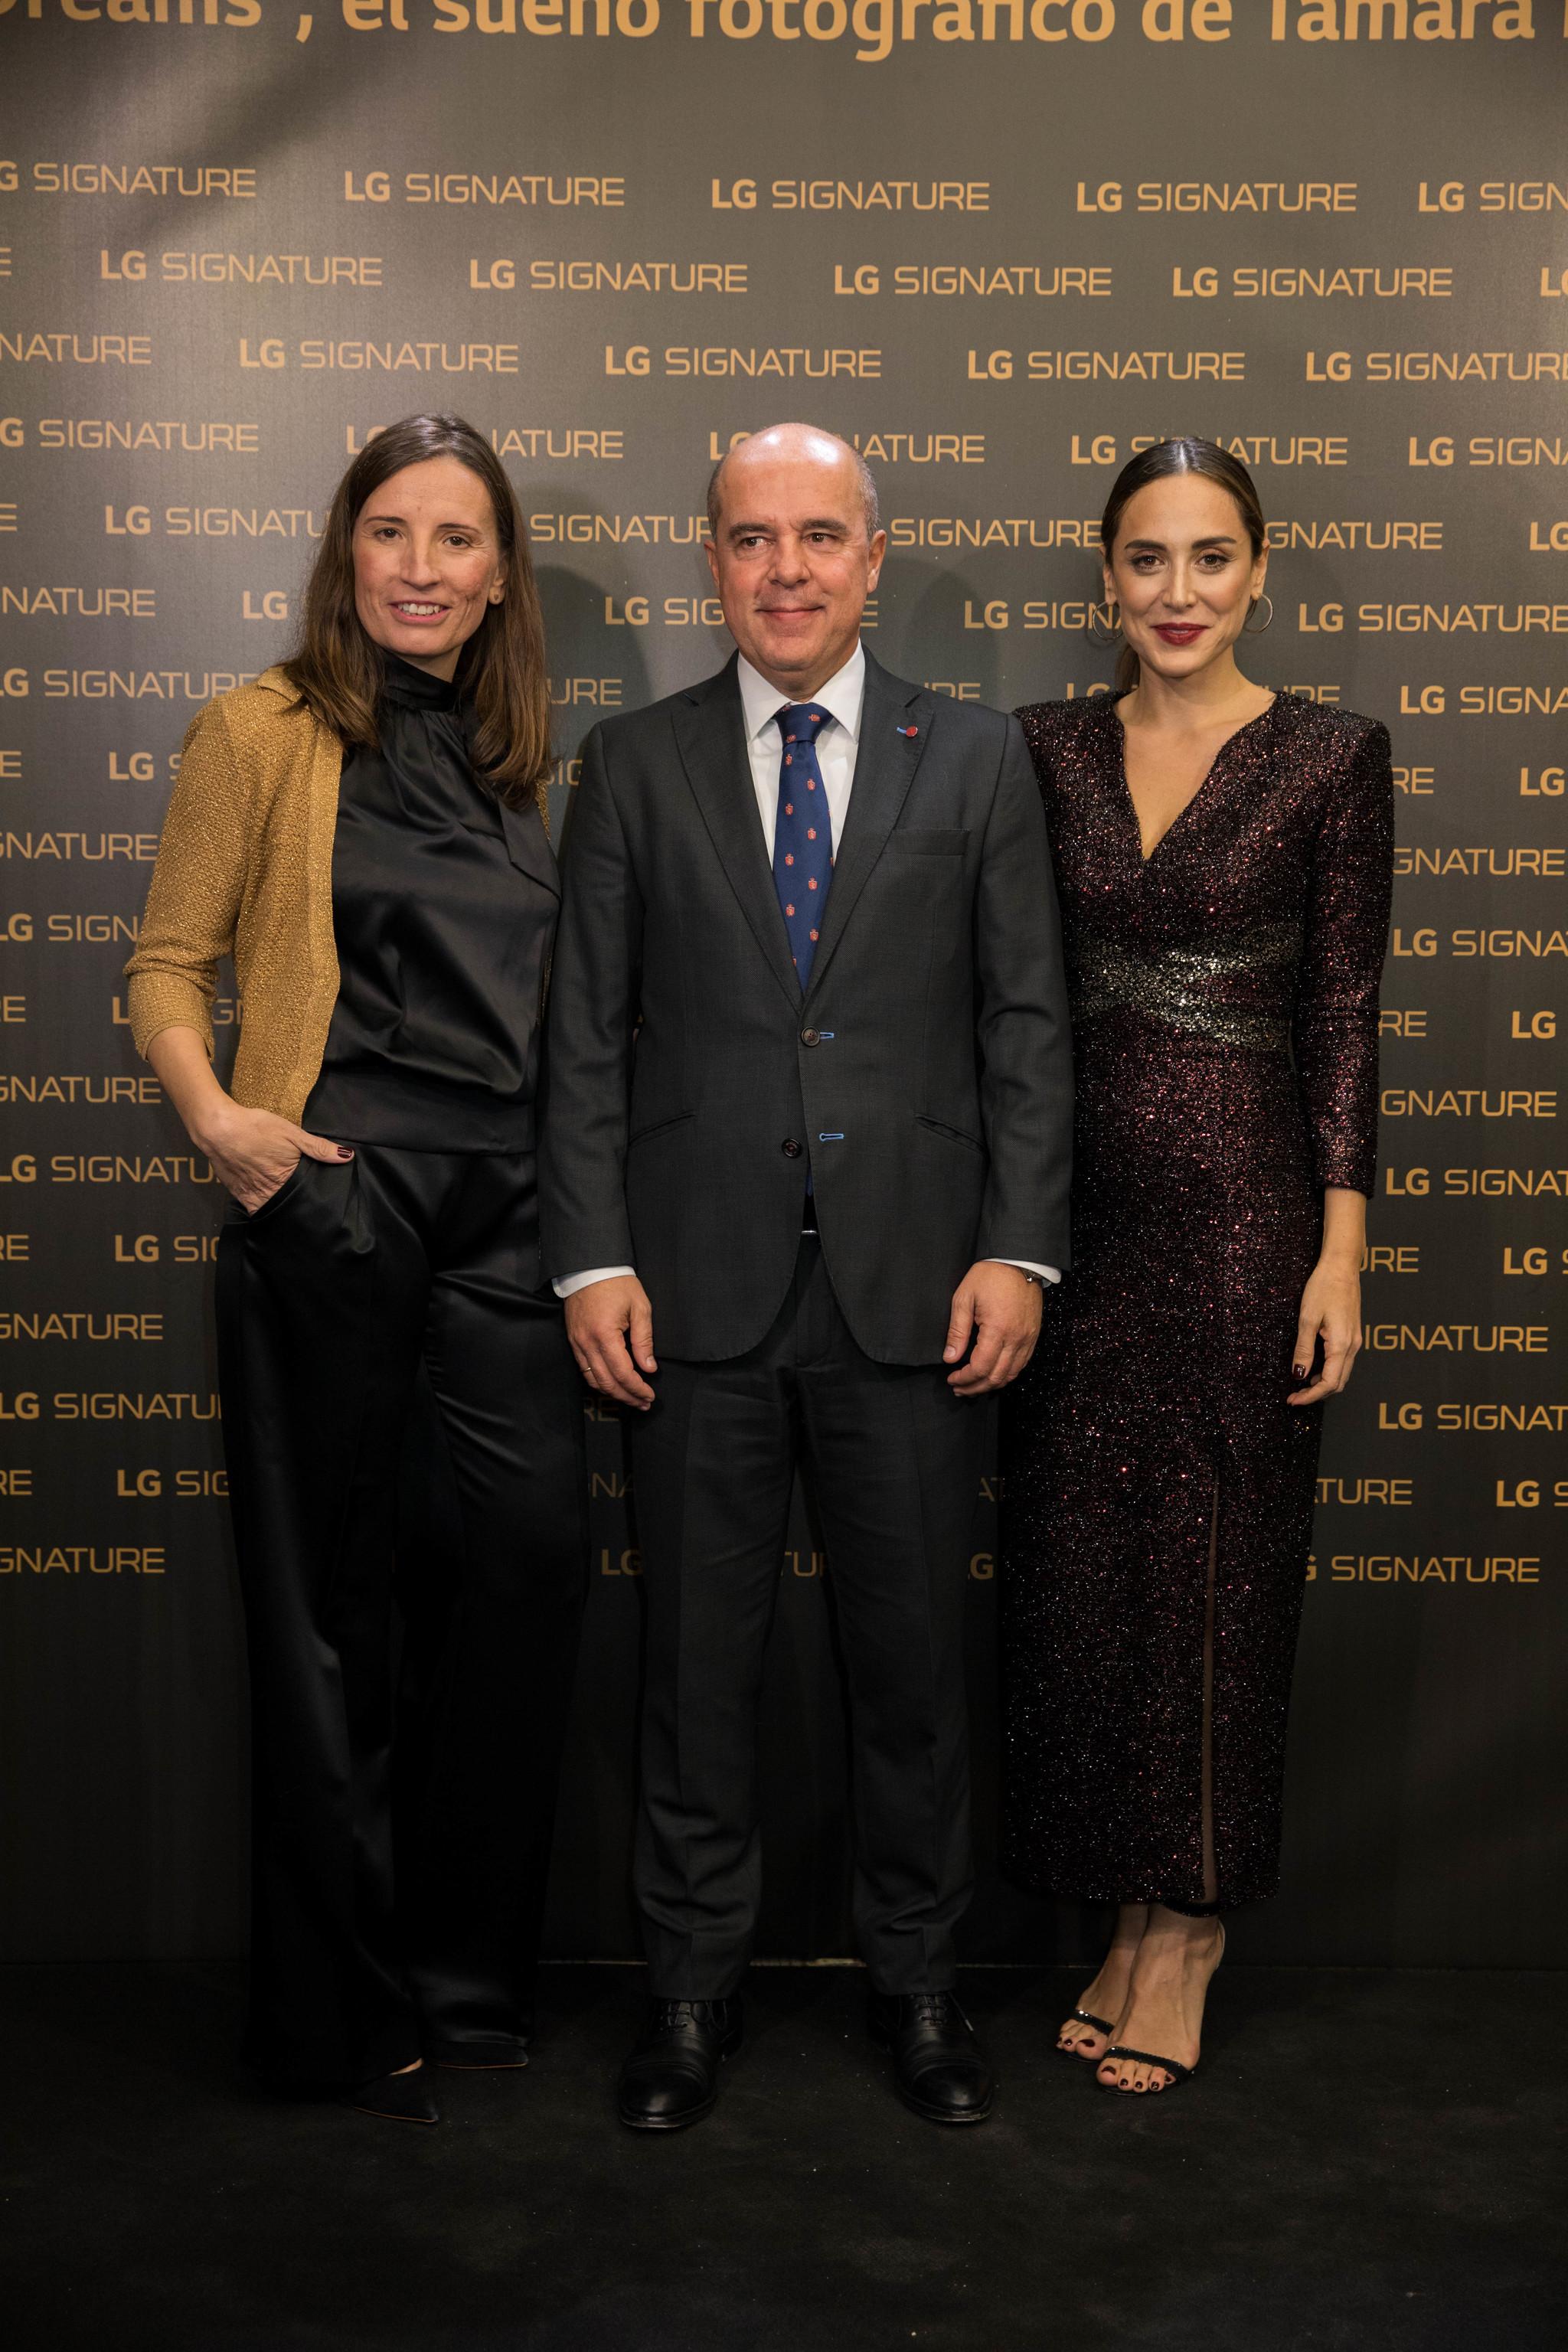 Tamara Falcó posa junto a Jaime de Jaraíz, Presidente & CEO de LG...